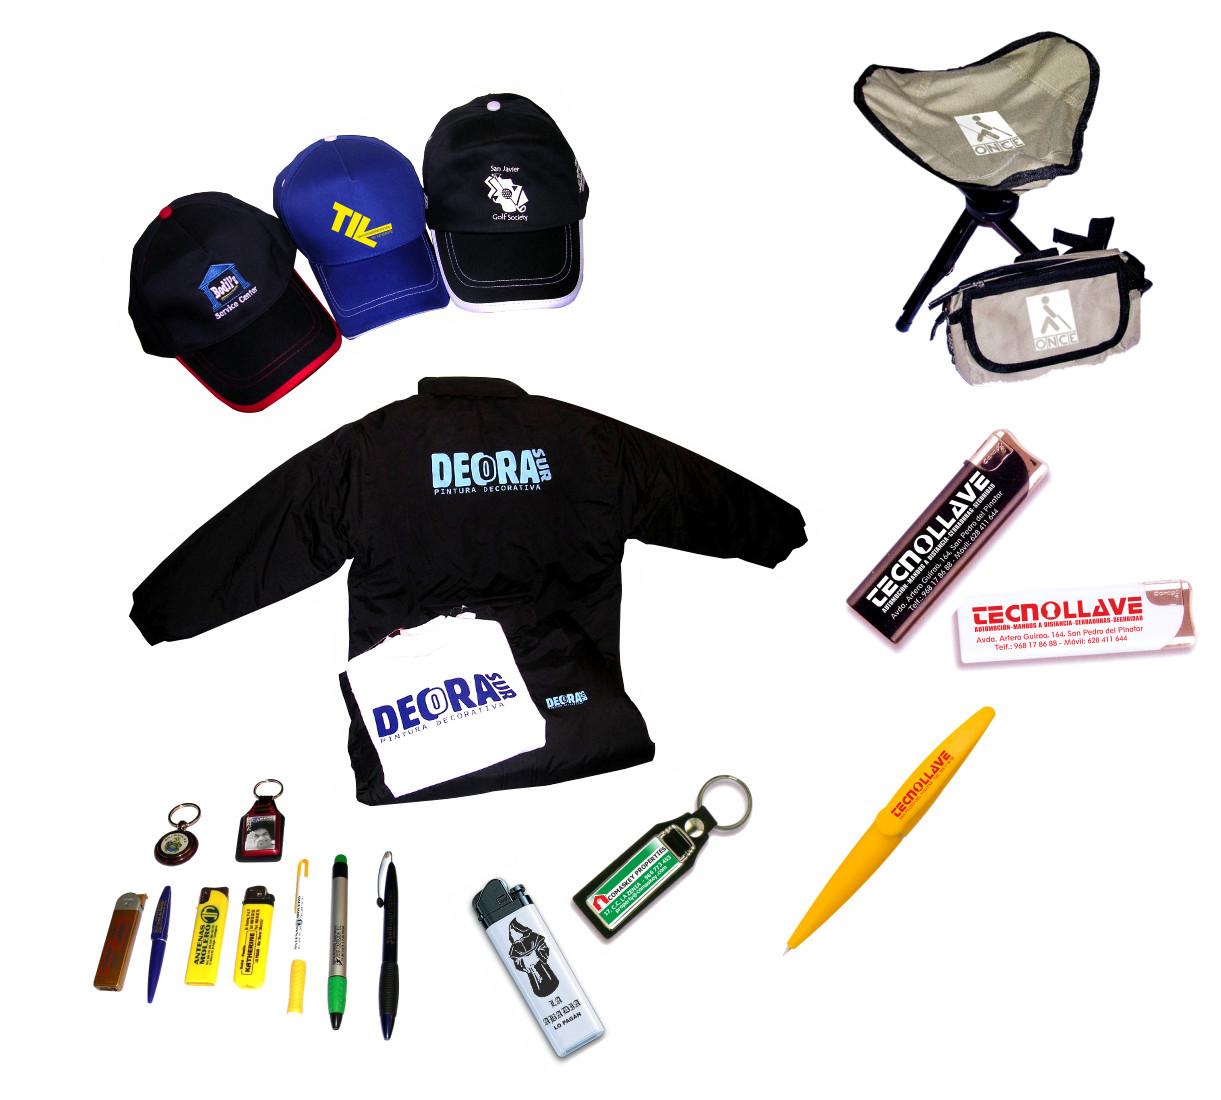 Diseño Ropa/Merchandising